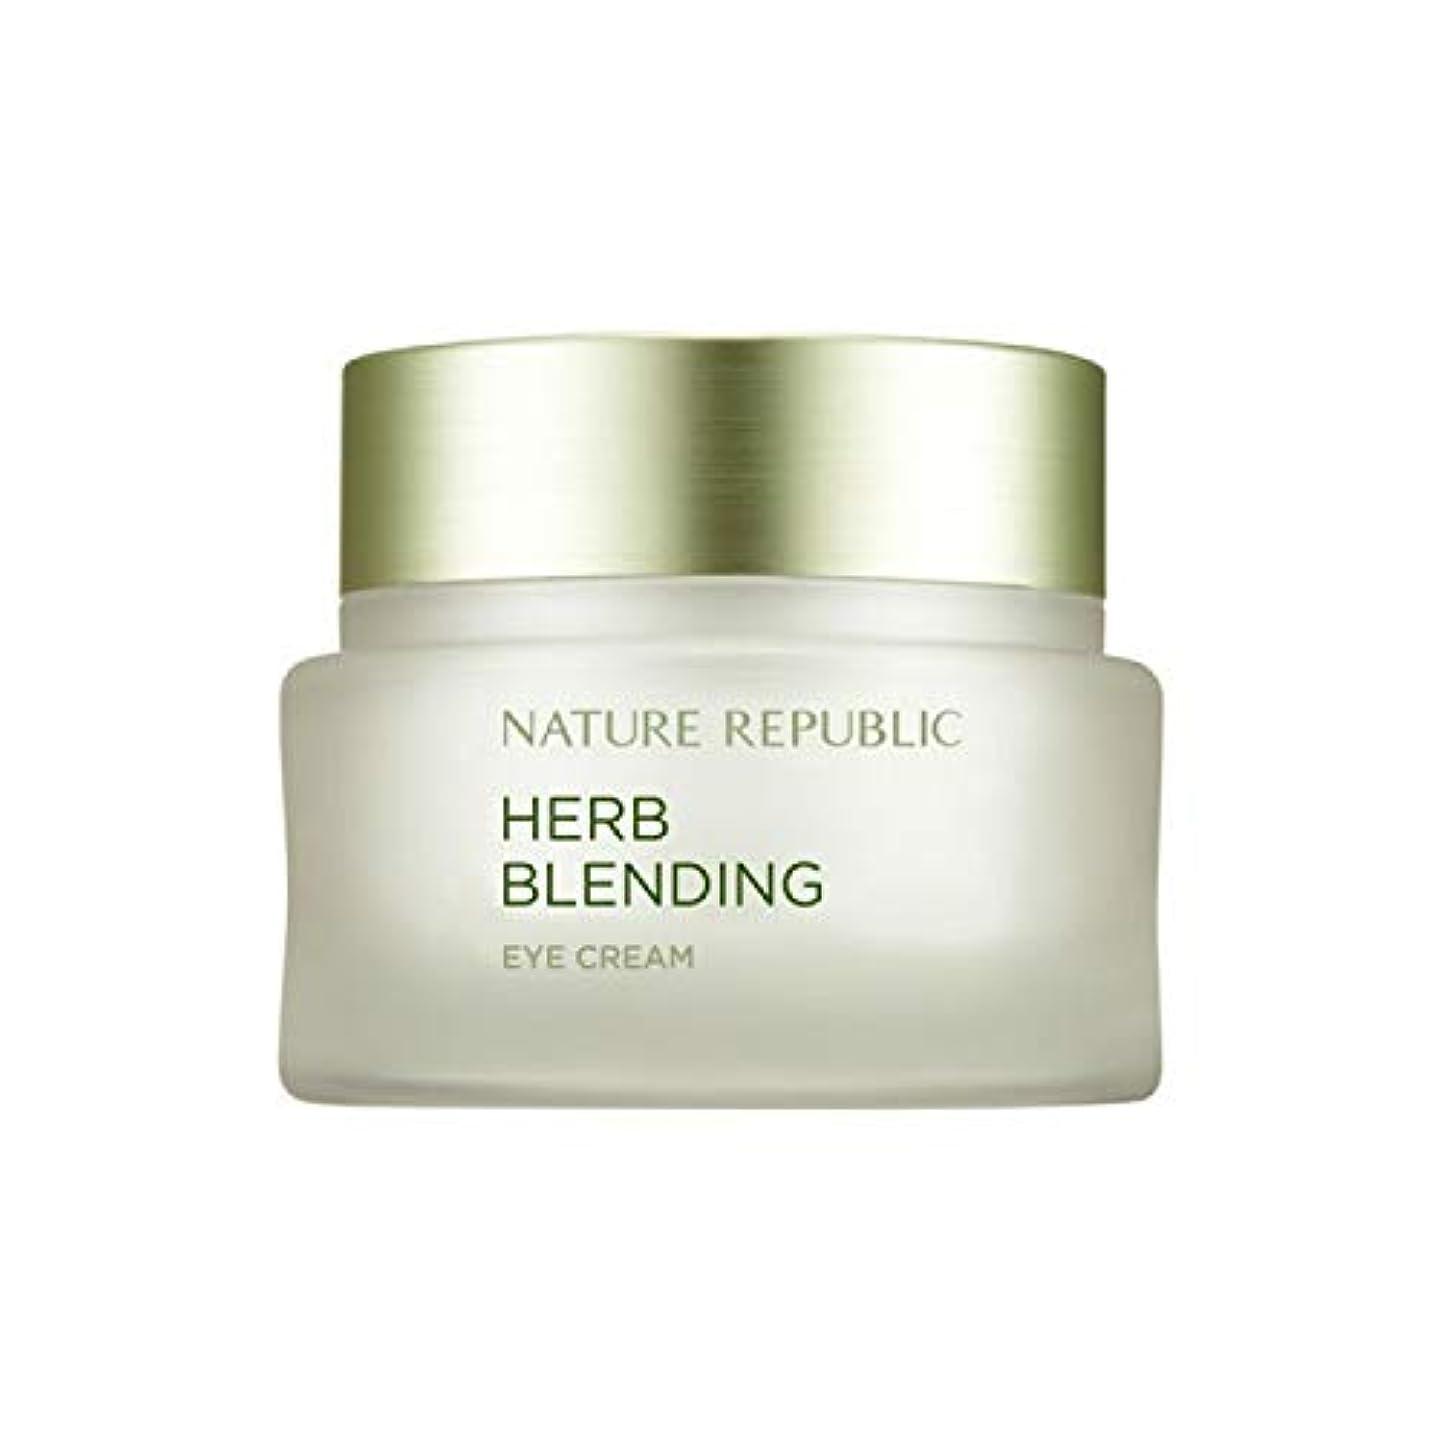 構想するハイブリッド漂流ネイチャーリパブリック(Nature Republic)ハブブレンドアイクリーム 25ml / Herb Blending Eye Cream 25ml :: 韓国コスメ [並行輸入品]